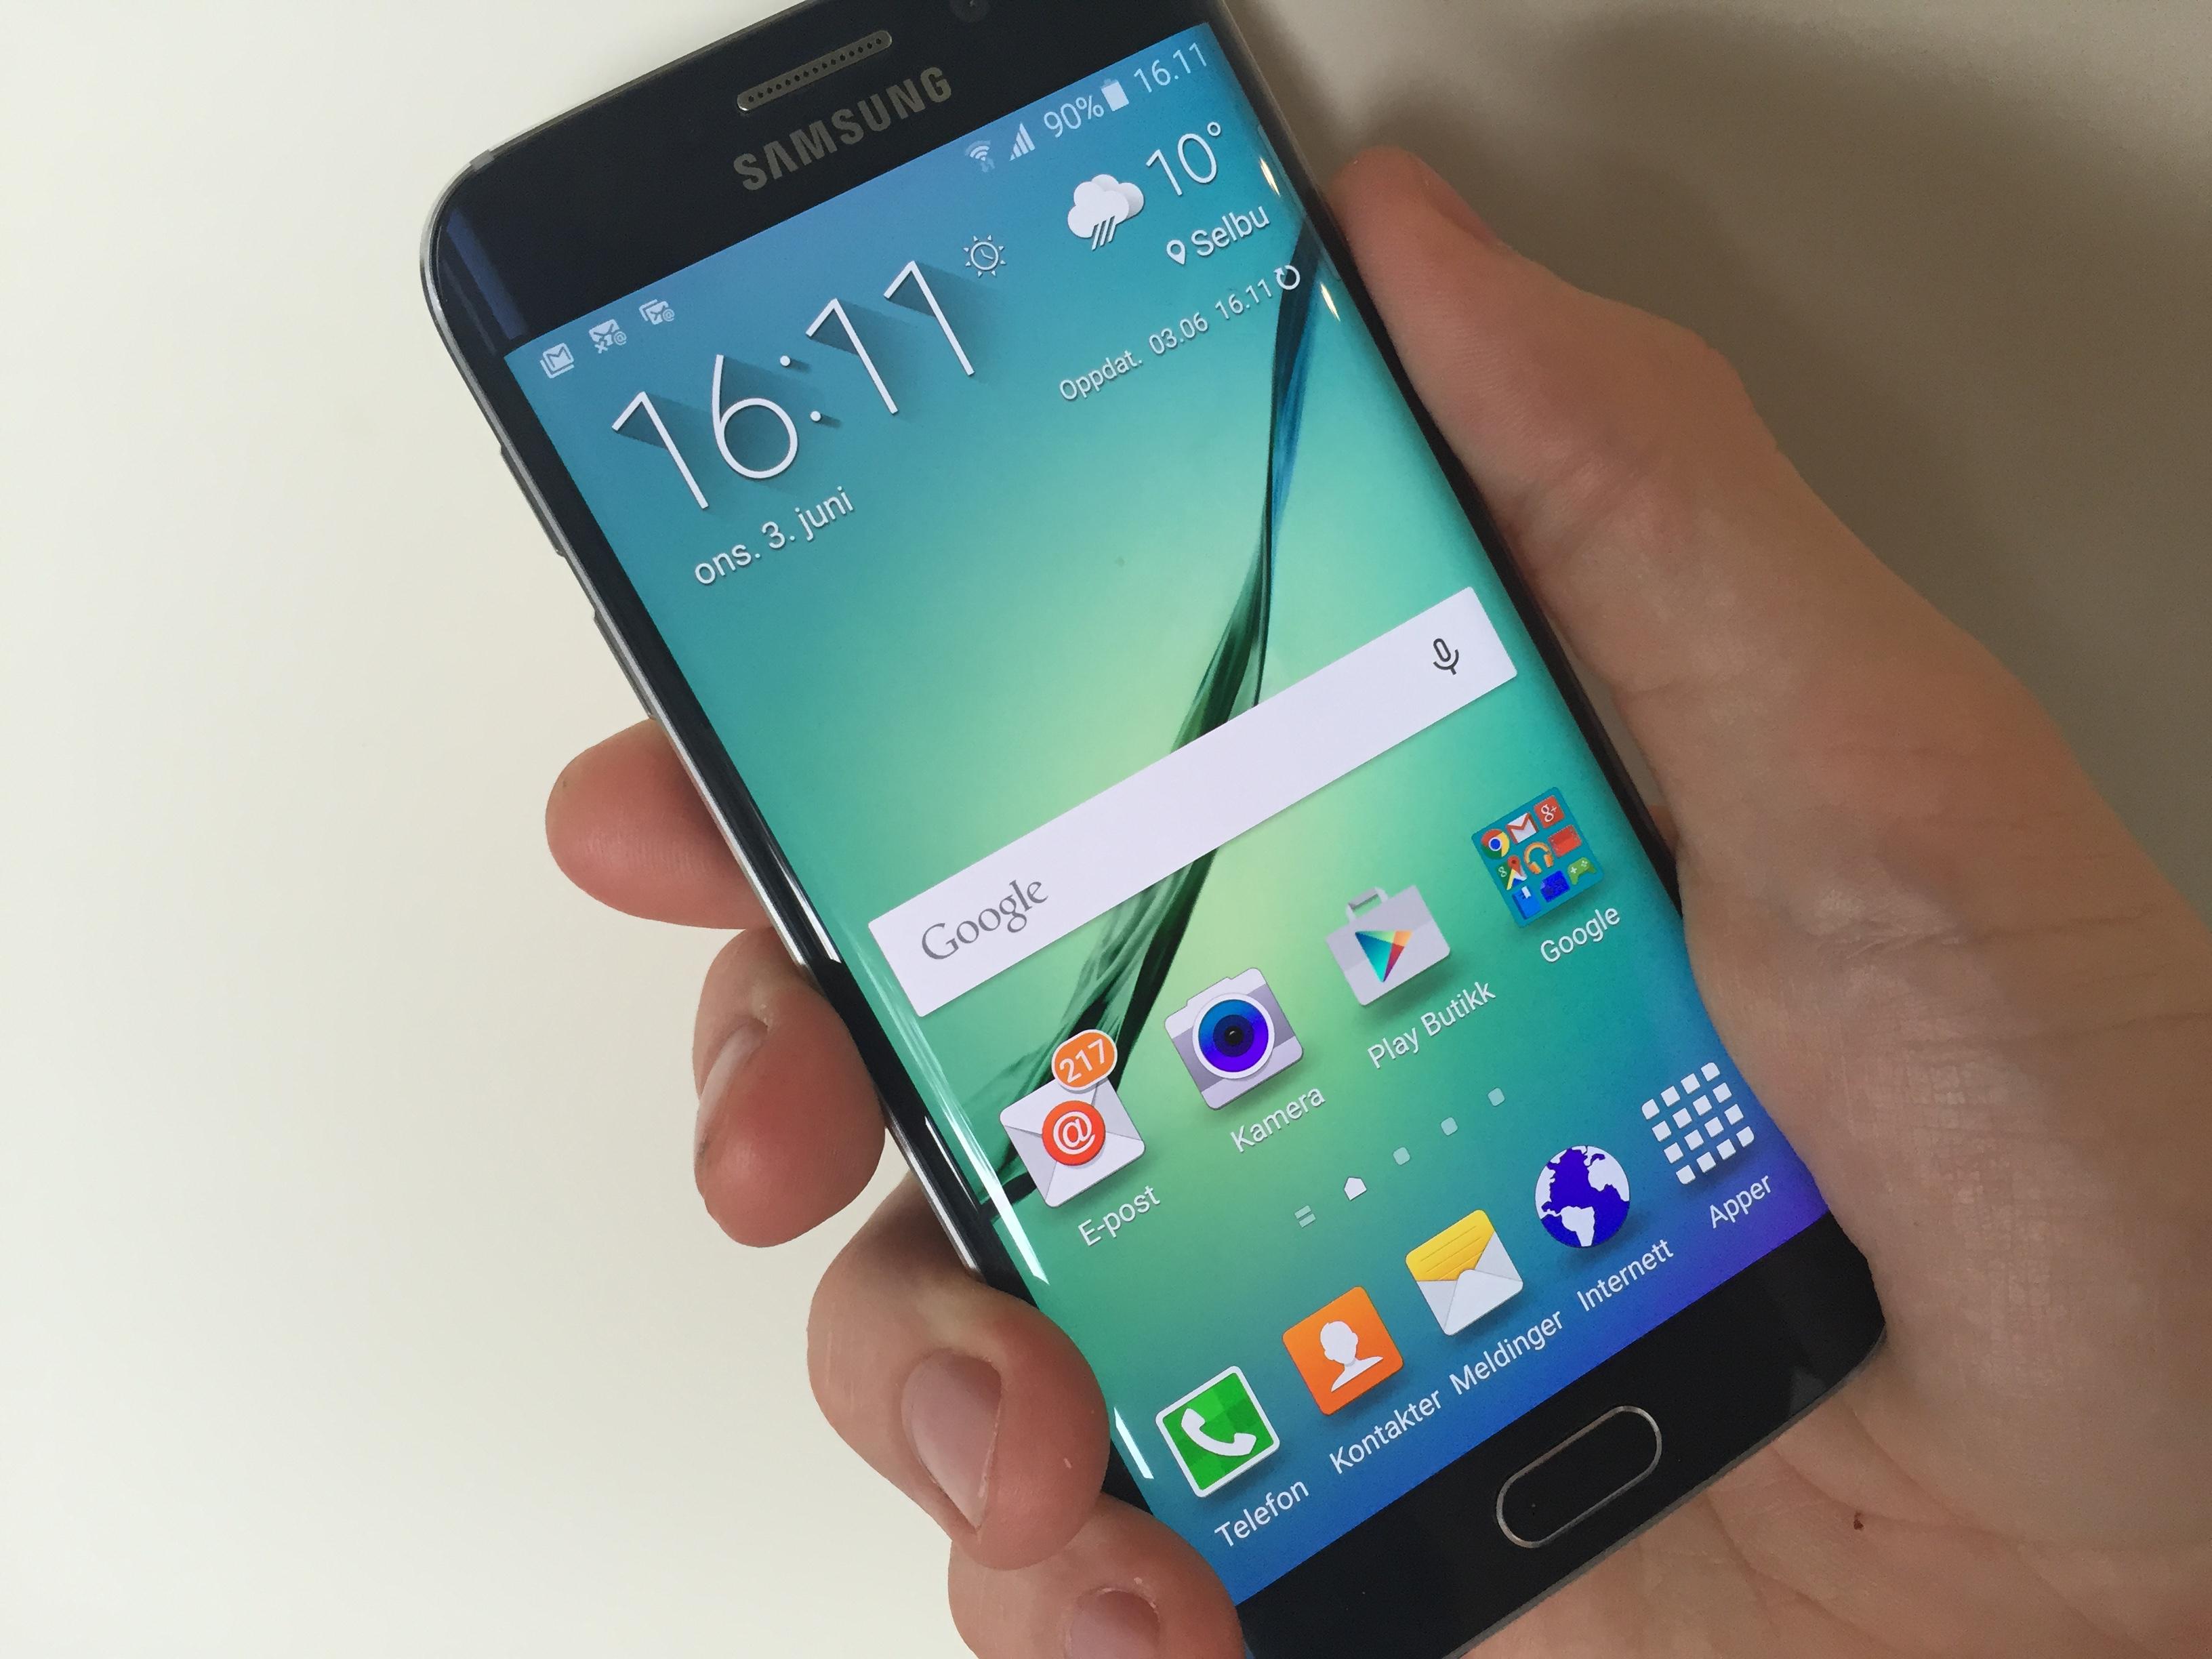 Galaxy S6 og S6 Edge får offisiell oppgradering til Android 6.0.